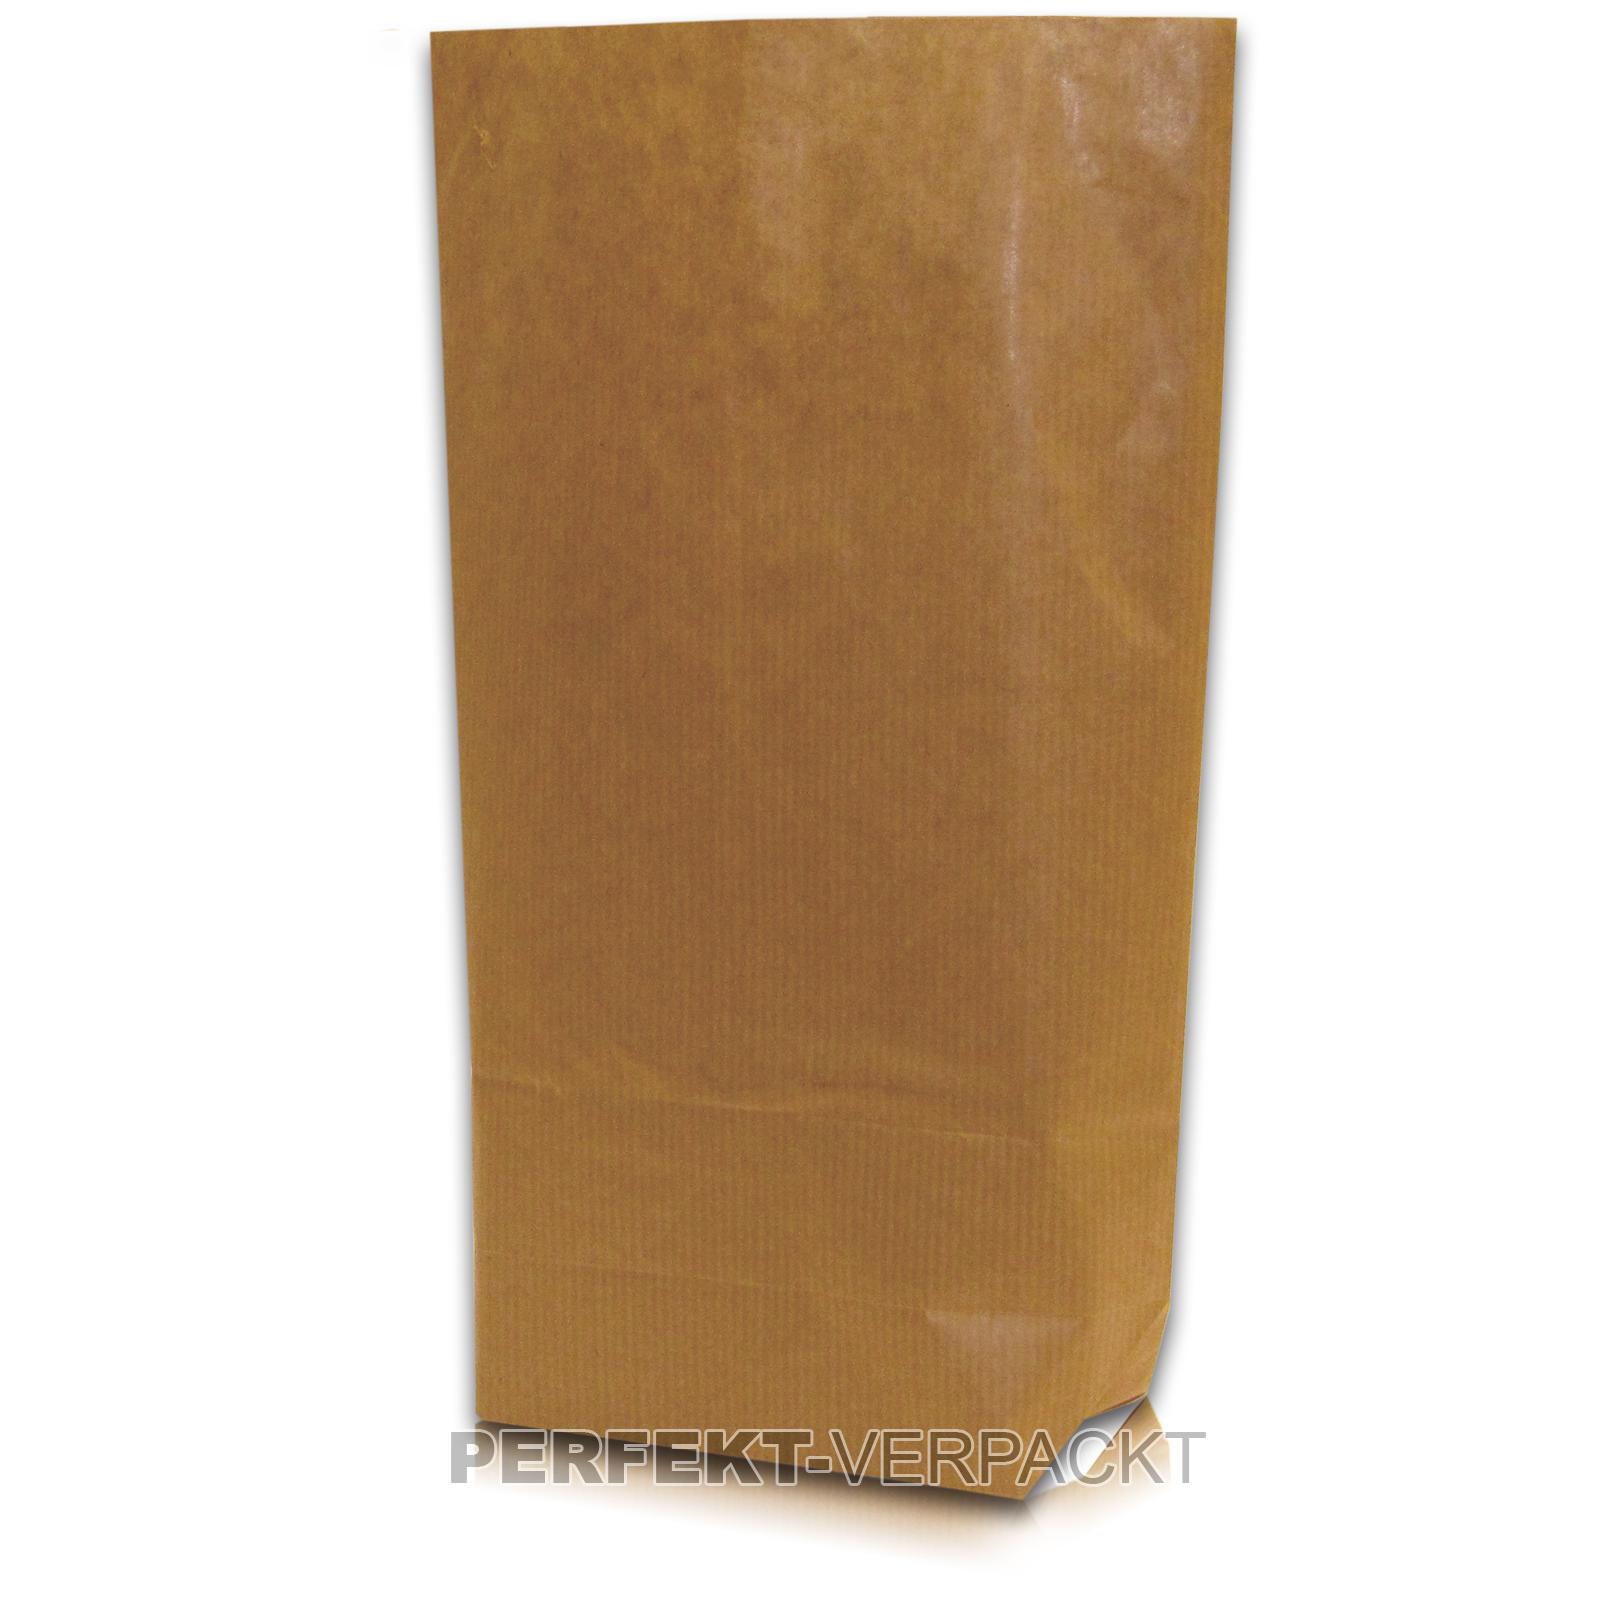 1.000 Bodenbeutel 15x22cm unbedruckt aus braunem Natronmischpapier